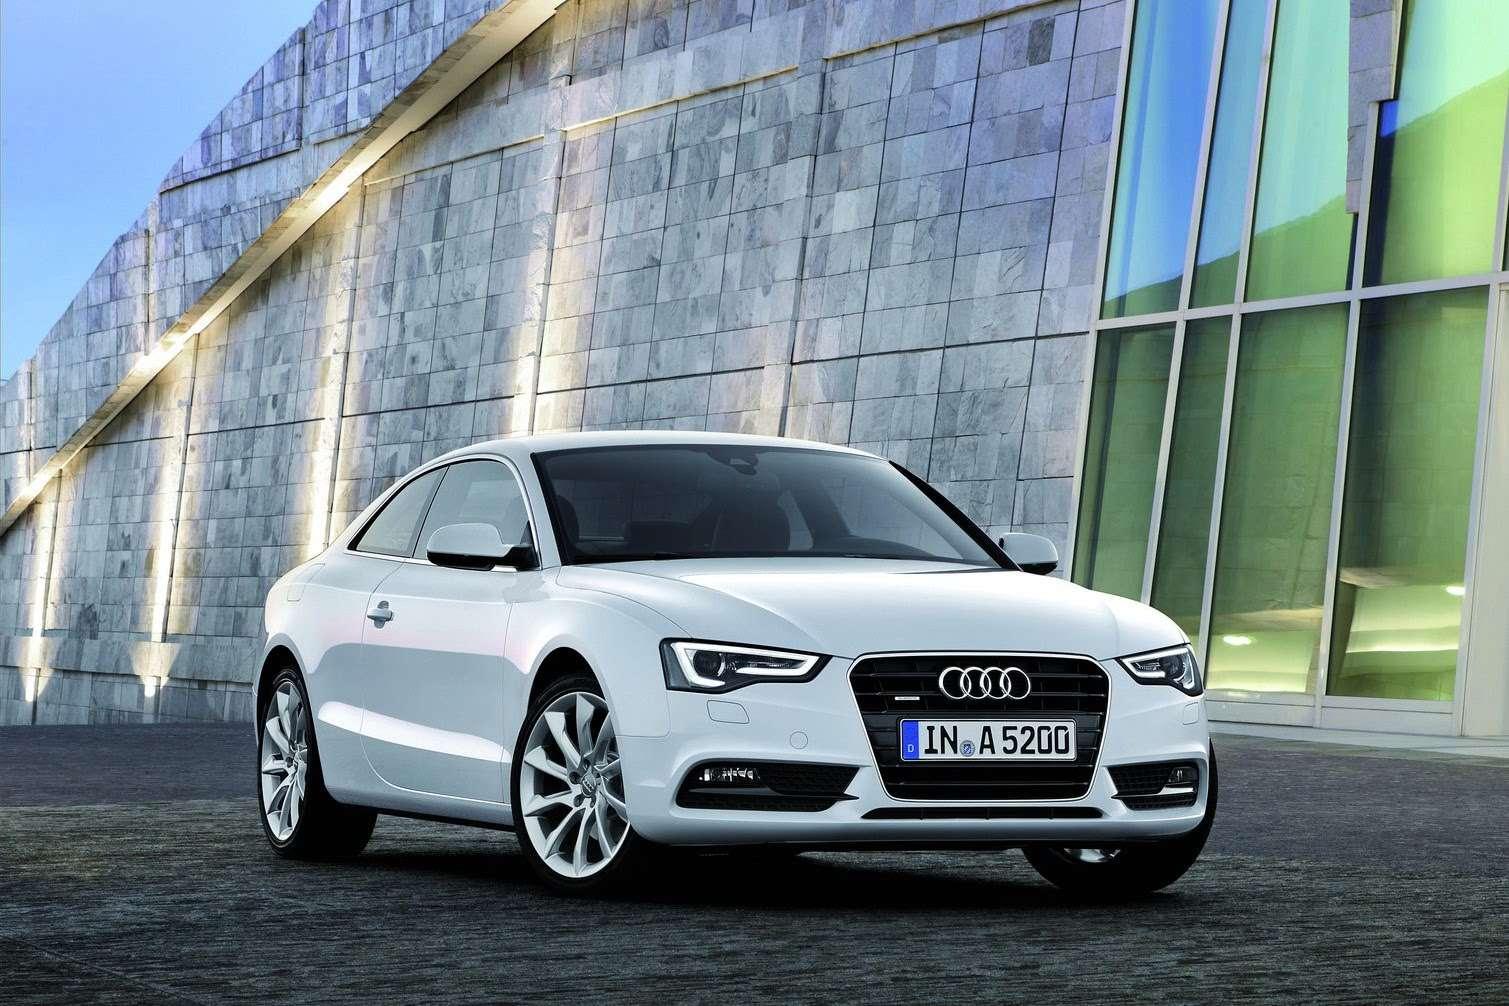 2012 Audi A5 fot all lifting lipiec 2011